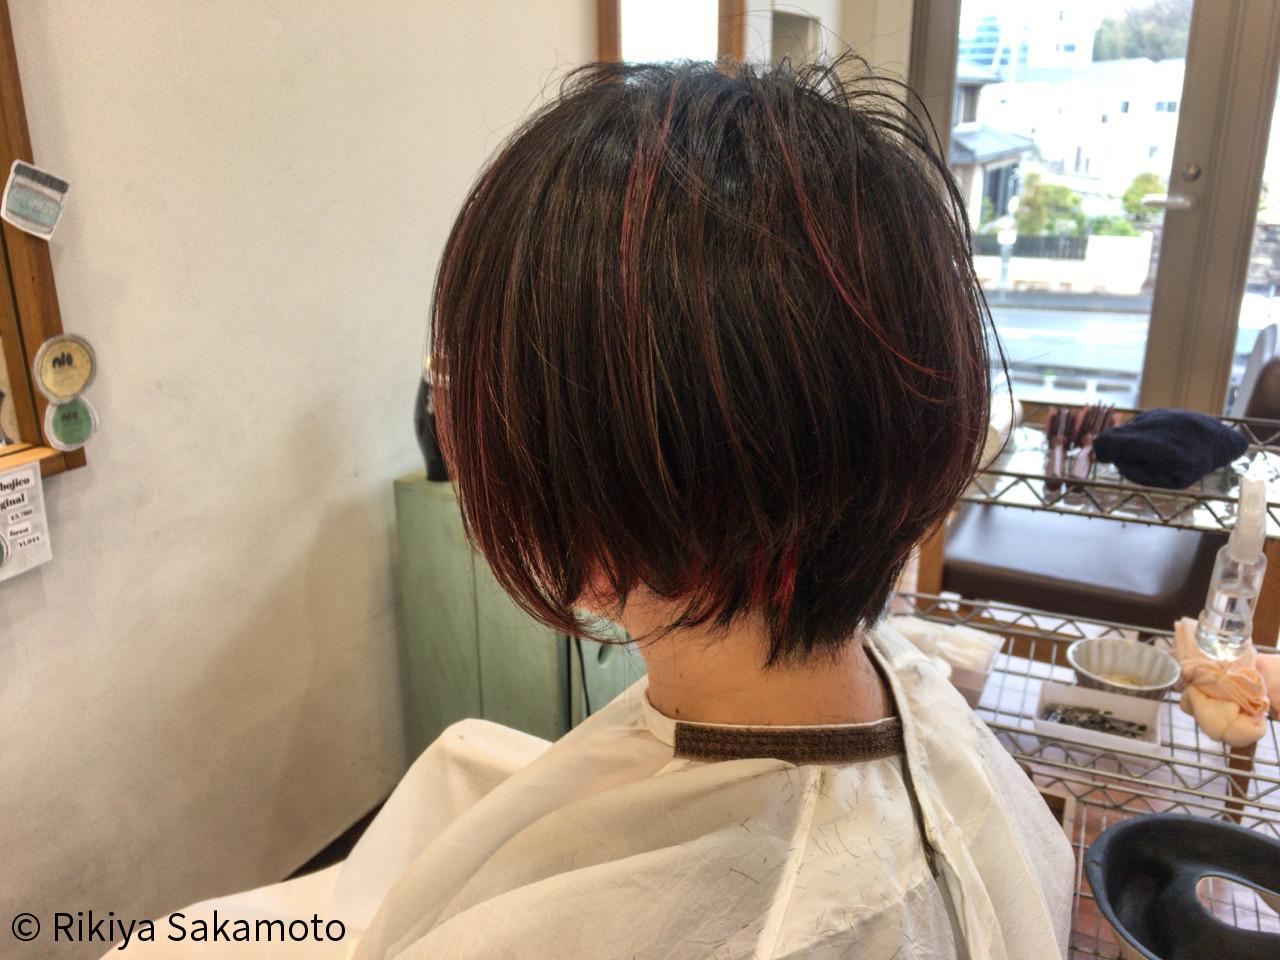 インナーカラー バレイヤージュ ストリート ショートボブ ヘアスタイルや髪型の写真・画像 | Rikiya Sakamoto / Seasonal-Lab(旧ディーズガレージ)